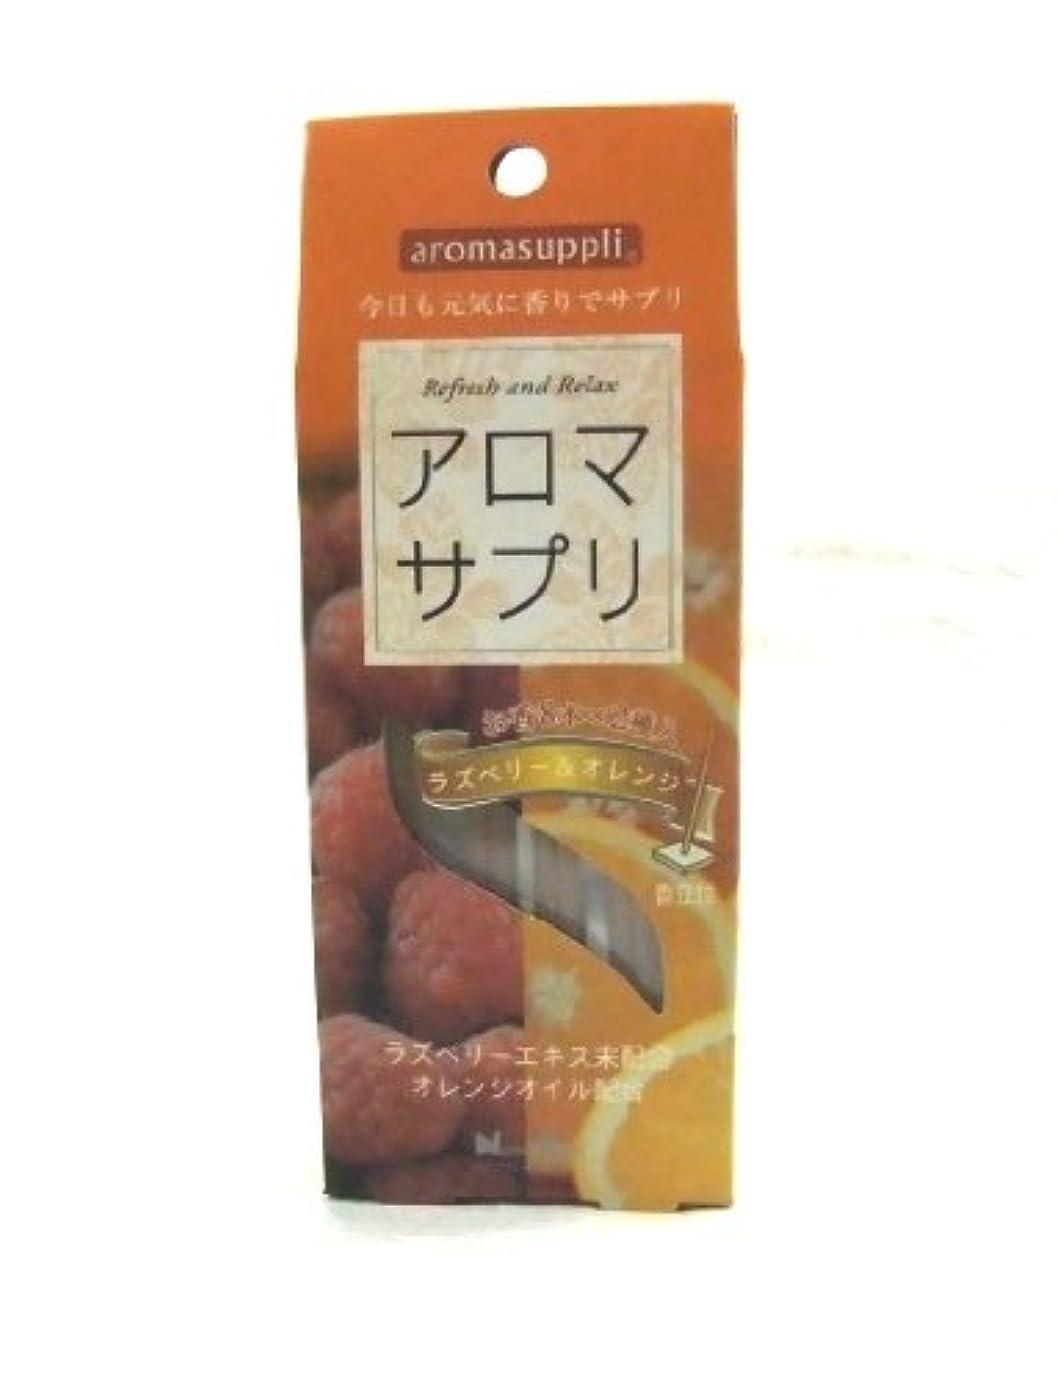 白いツーリストアセンブリお香 アロマサプリ<ラズベリー&オレンジ> 2種類の香り× 各8本入 香立付